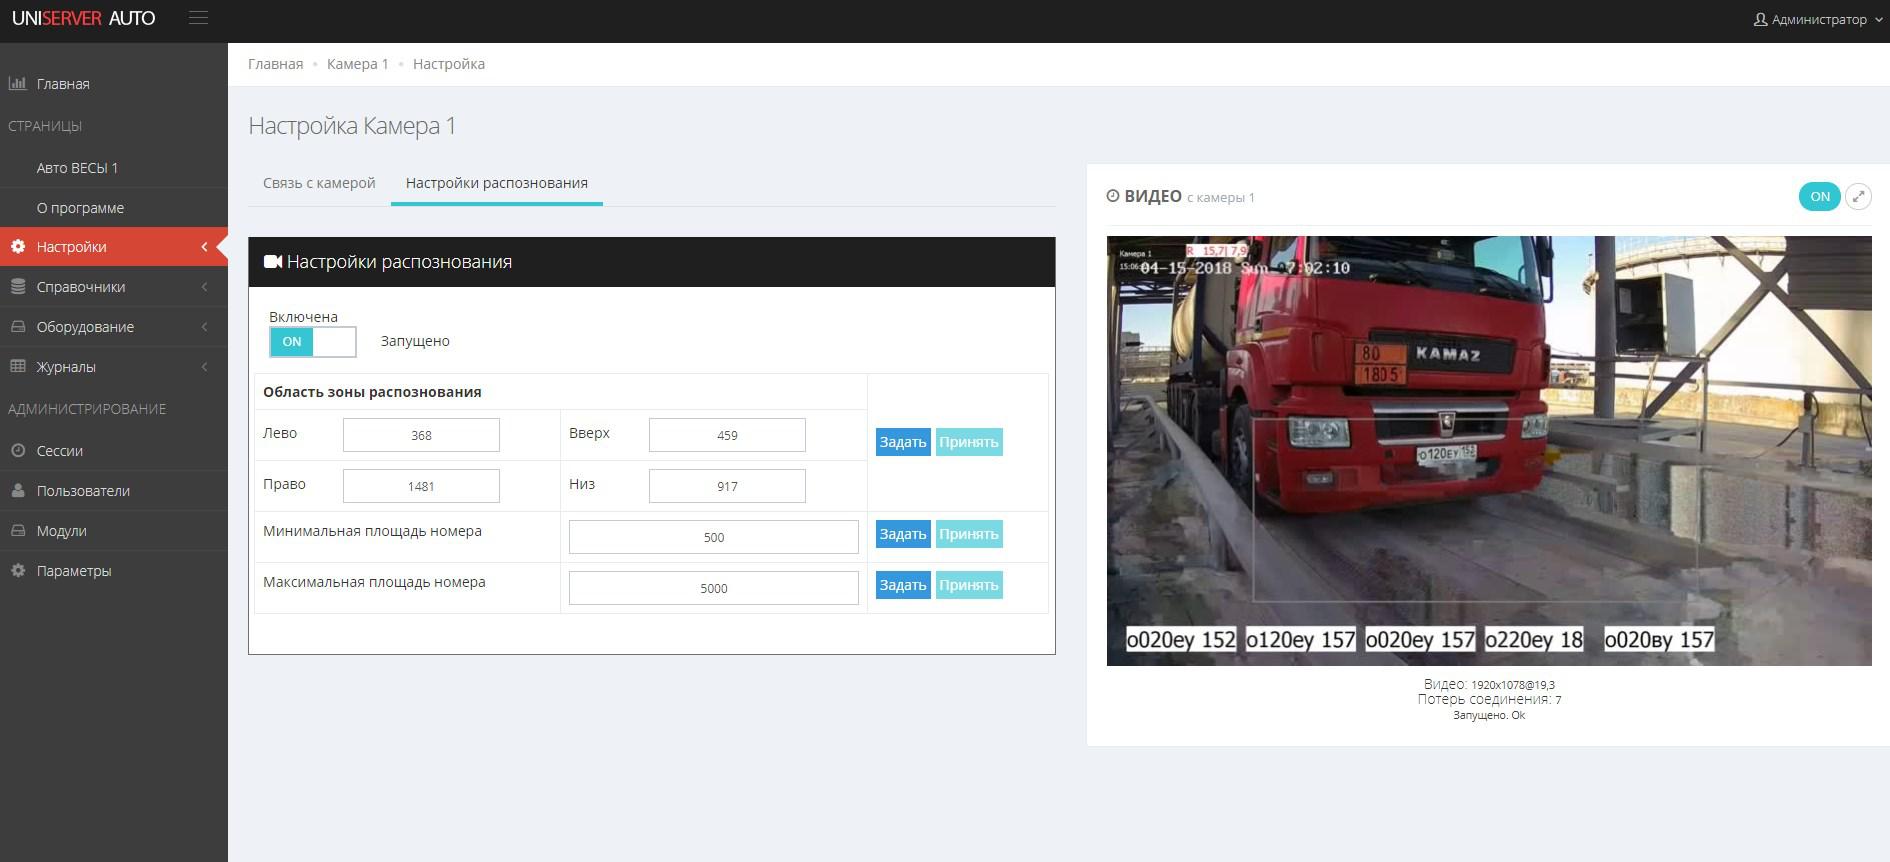 Сервер распознавания автомобильных номеров UniServer AUTO: Camera+Recognize для 2-х каналов распознавания